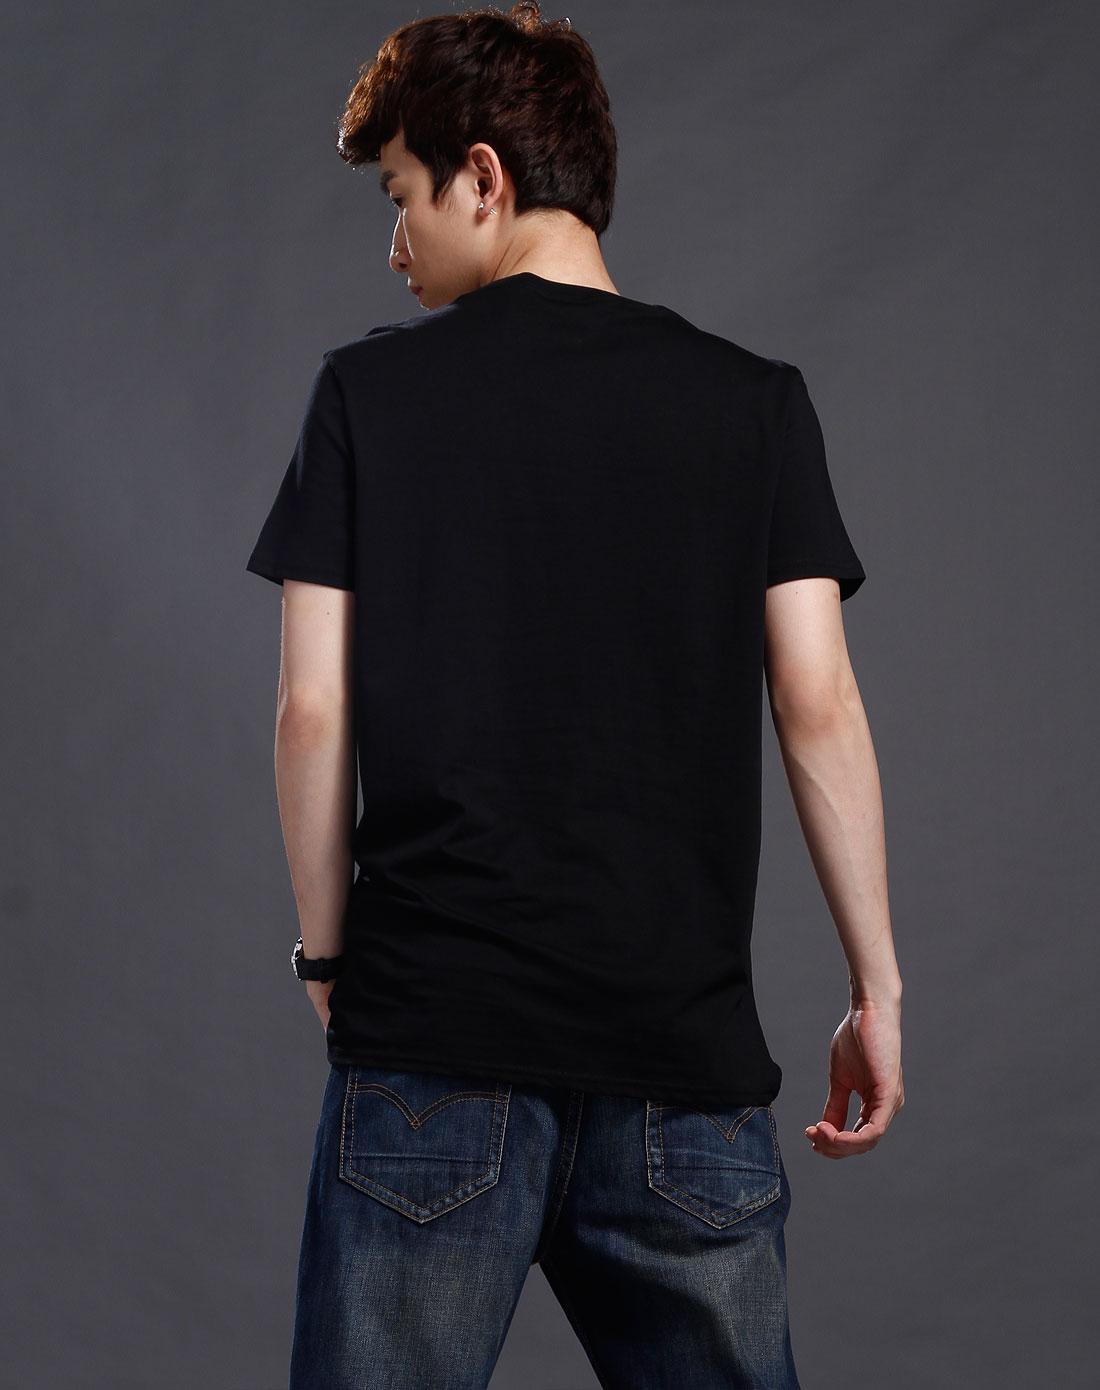 男款纯黑色字母印花圆领短袖t恤